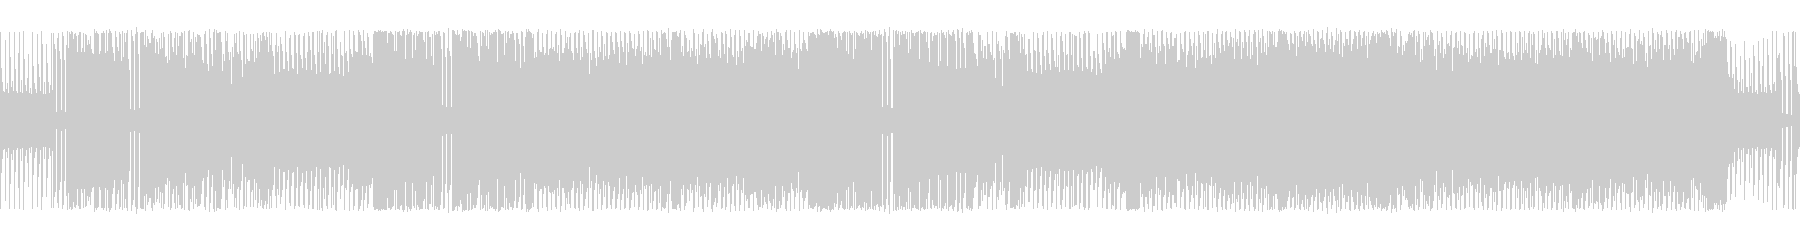 アクション向きなチップチューンサウンドの未再生の波形